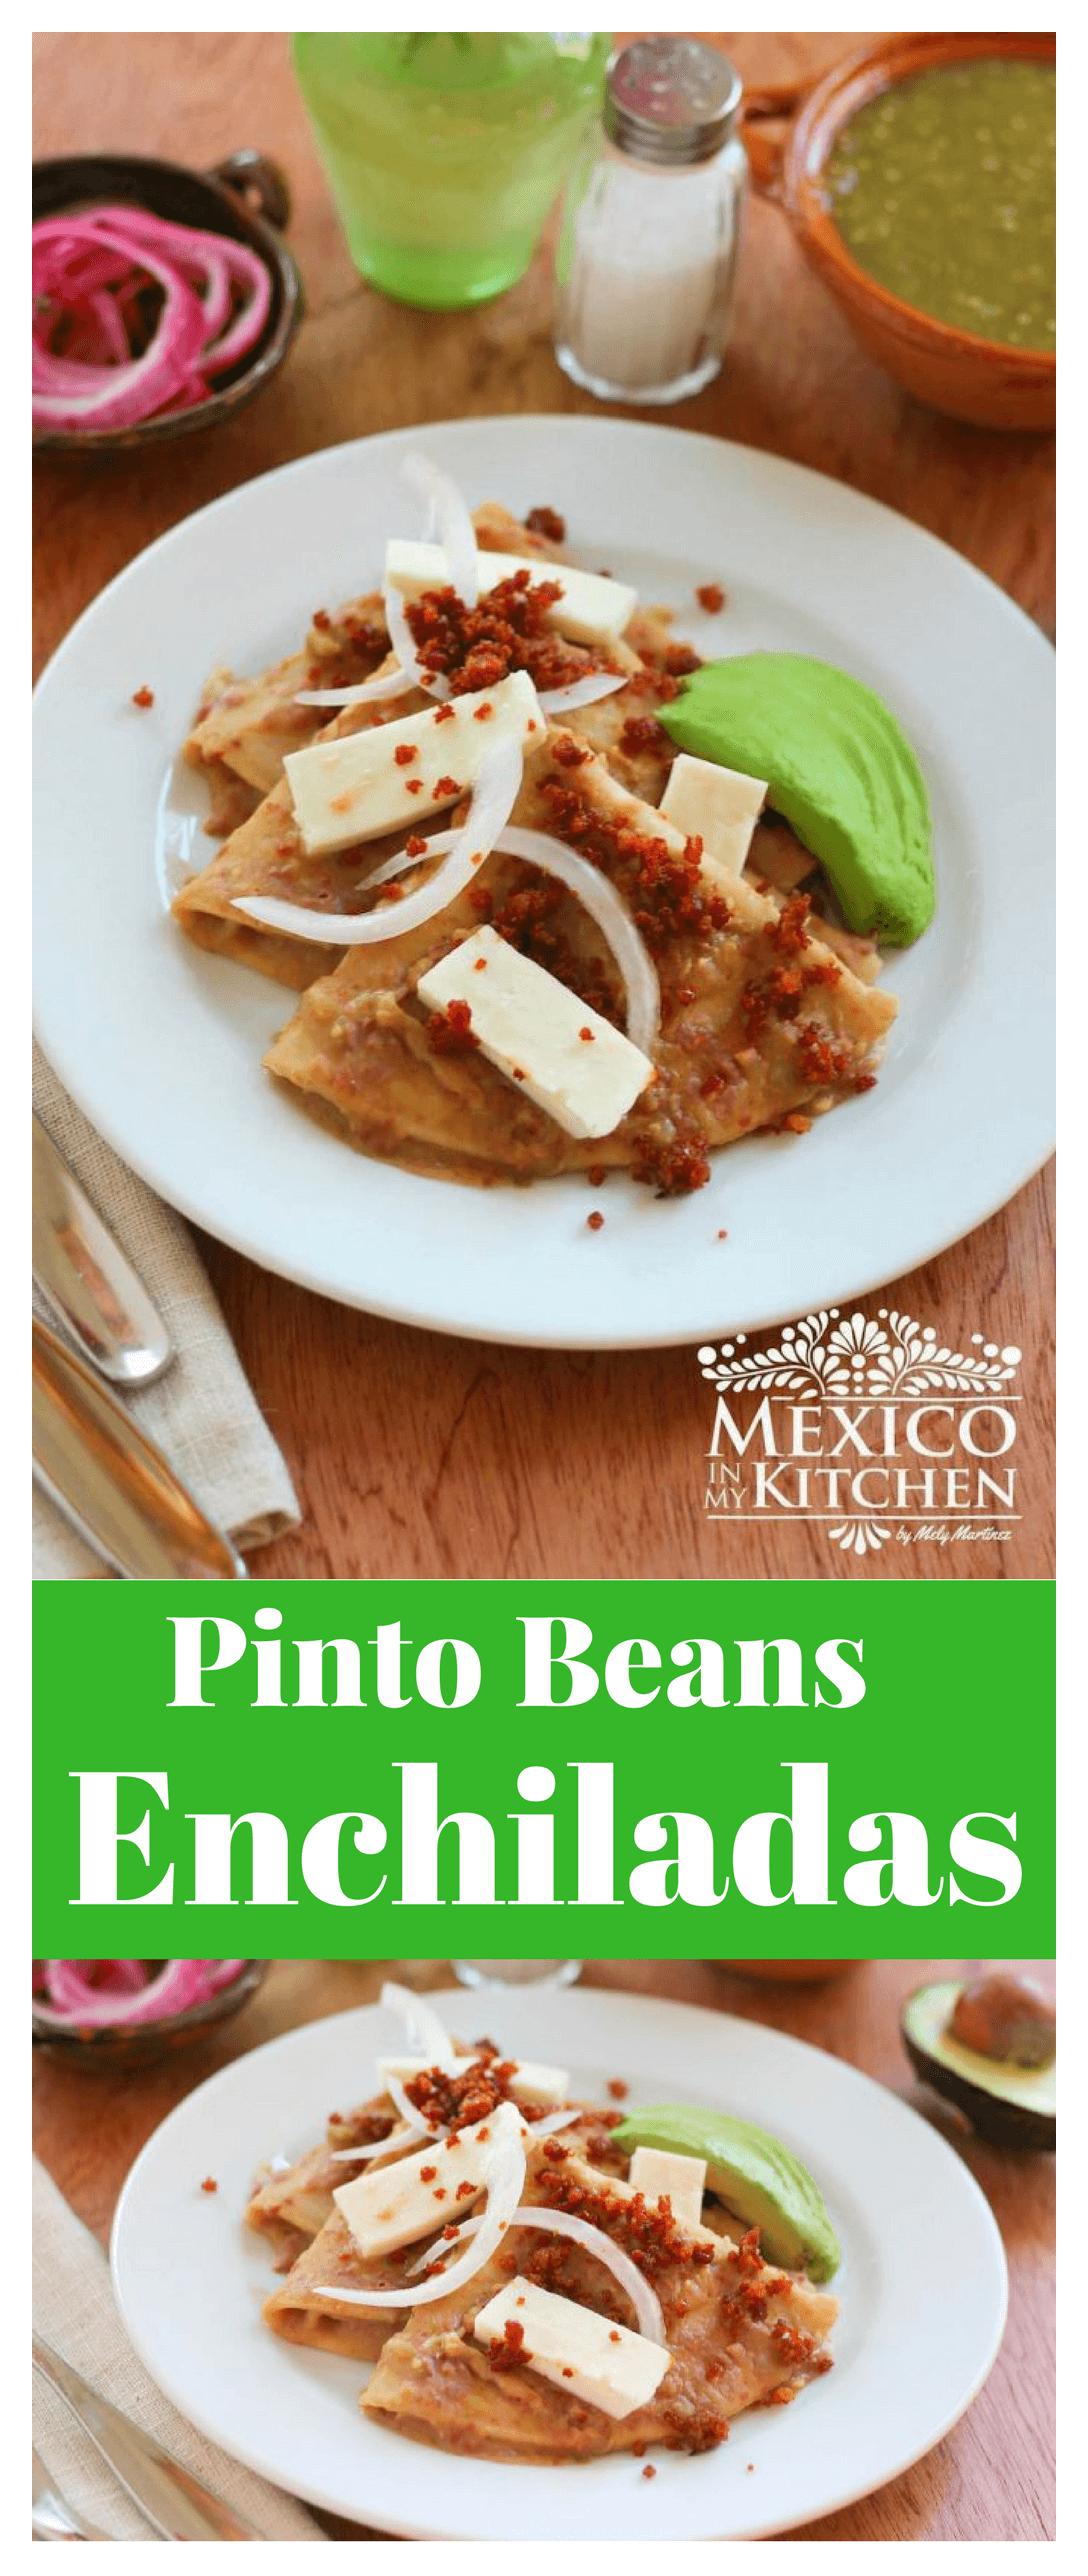 pinto beans enchiladas